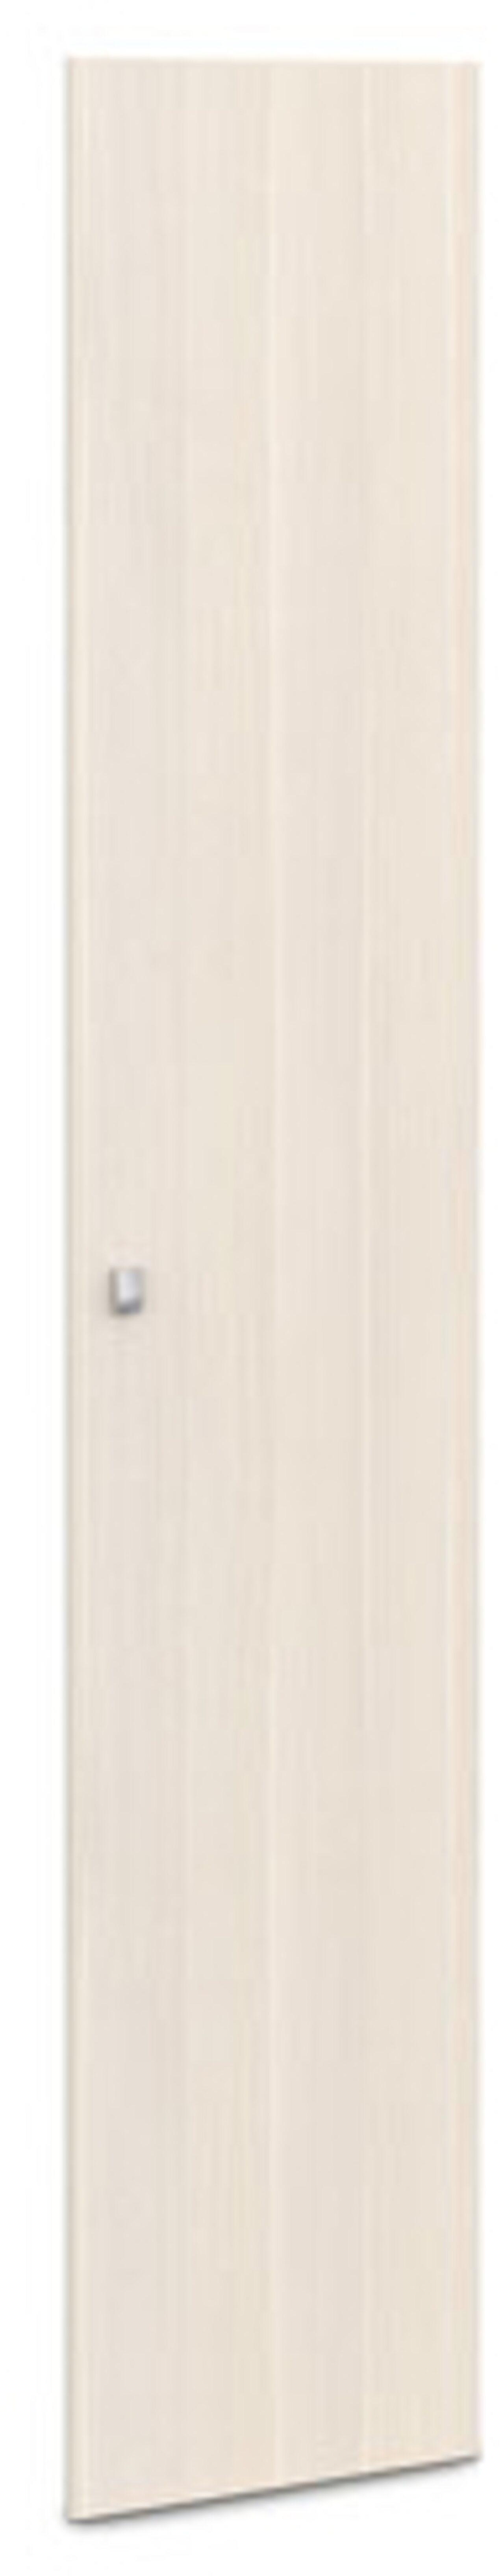 Дверь ЛДСП - фото 4